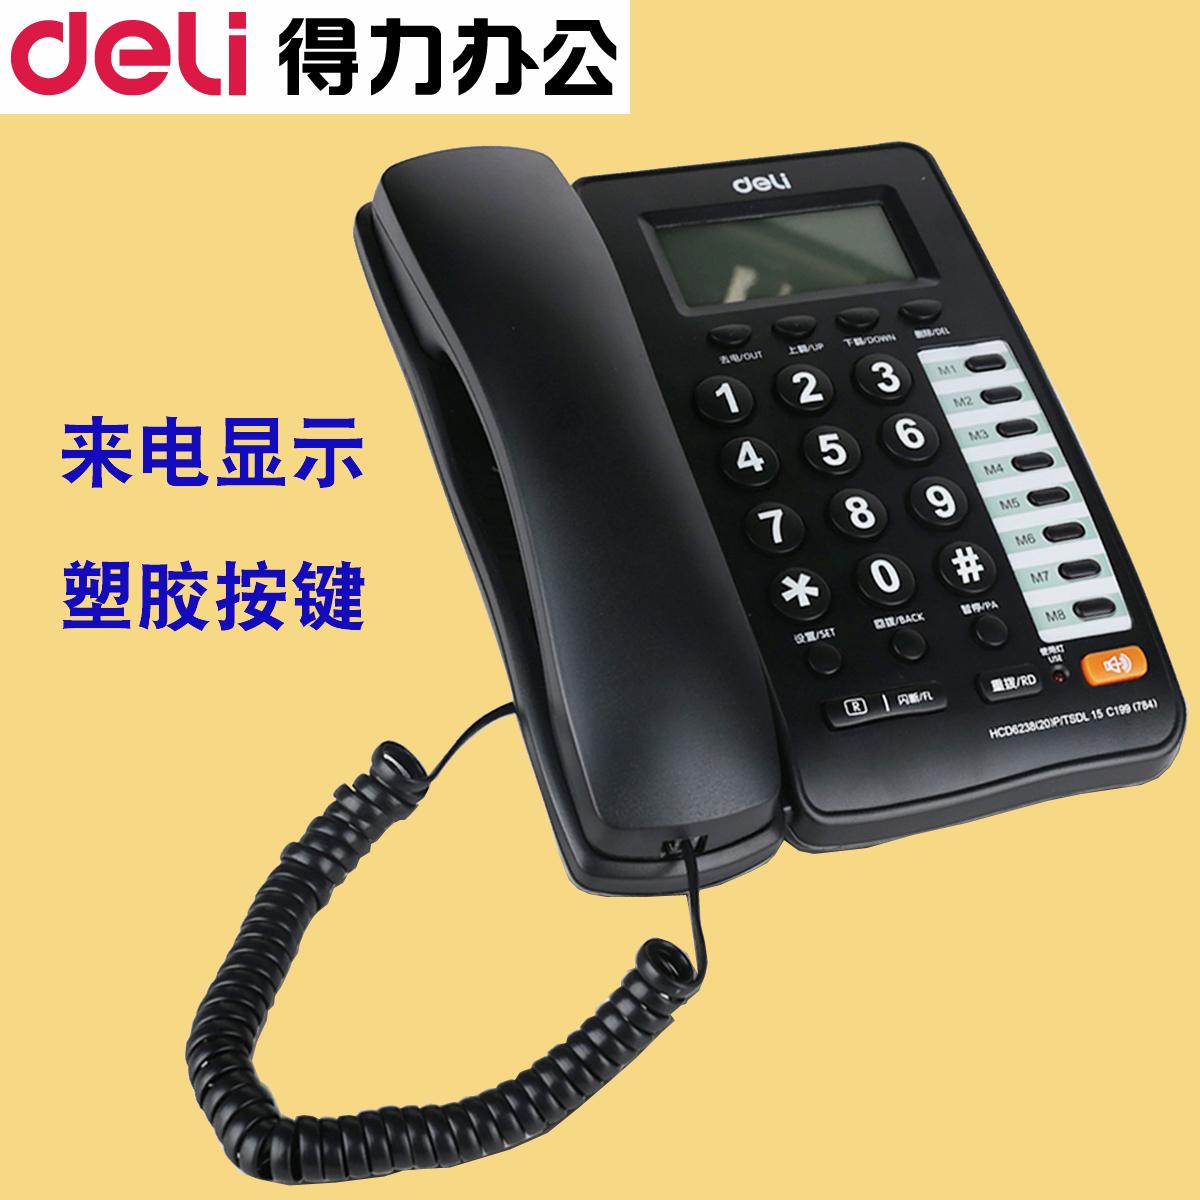 得力电话机 座机家用子母机免电池来电显示分机商用784黑色固定时尚创意挂机黑色家用有限免提784